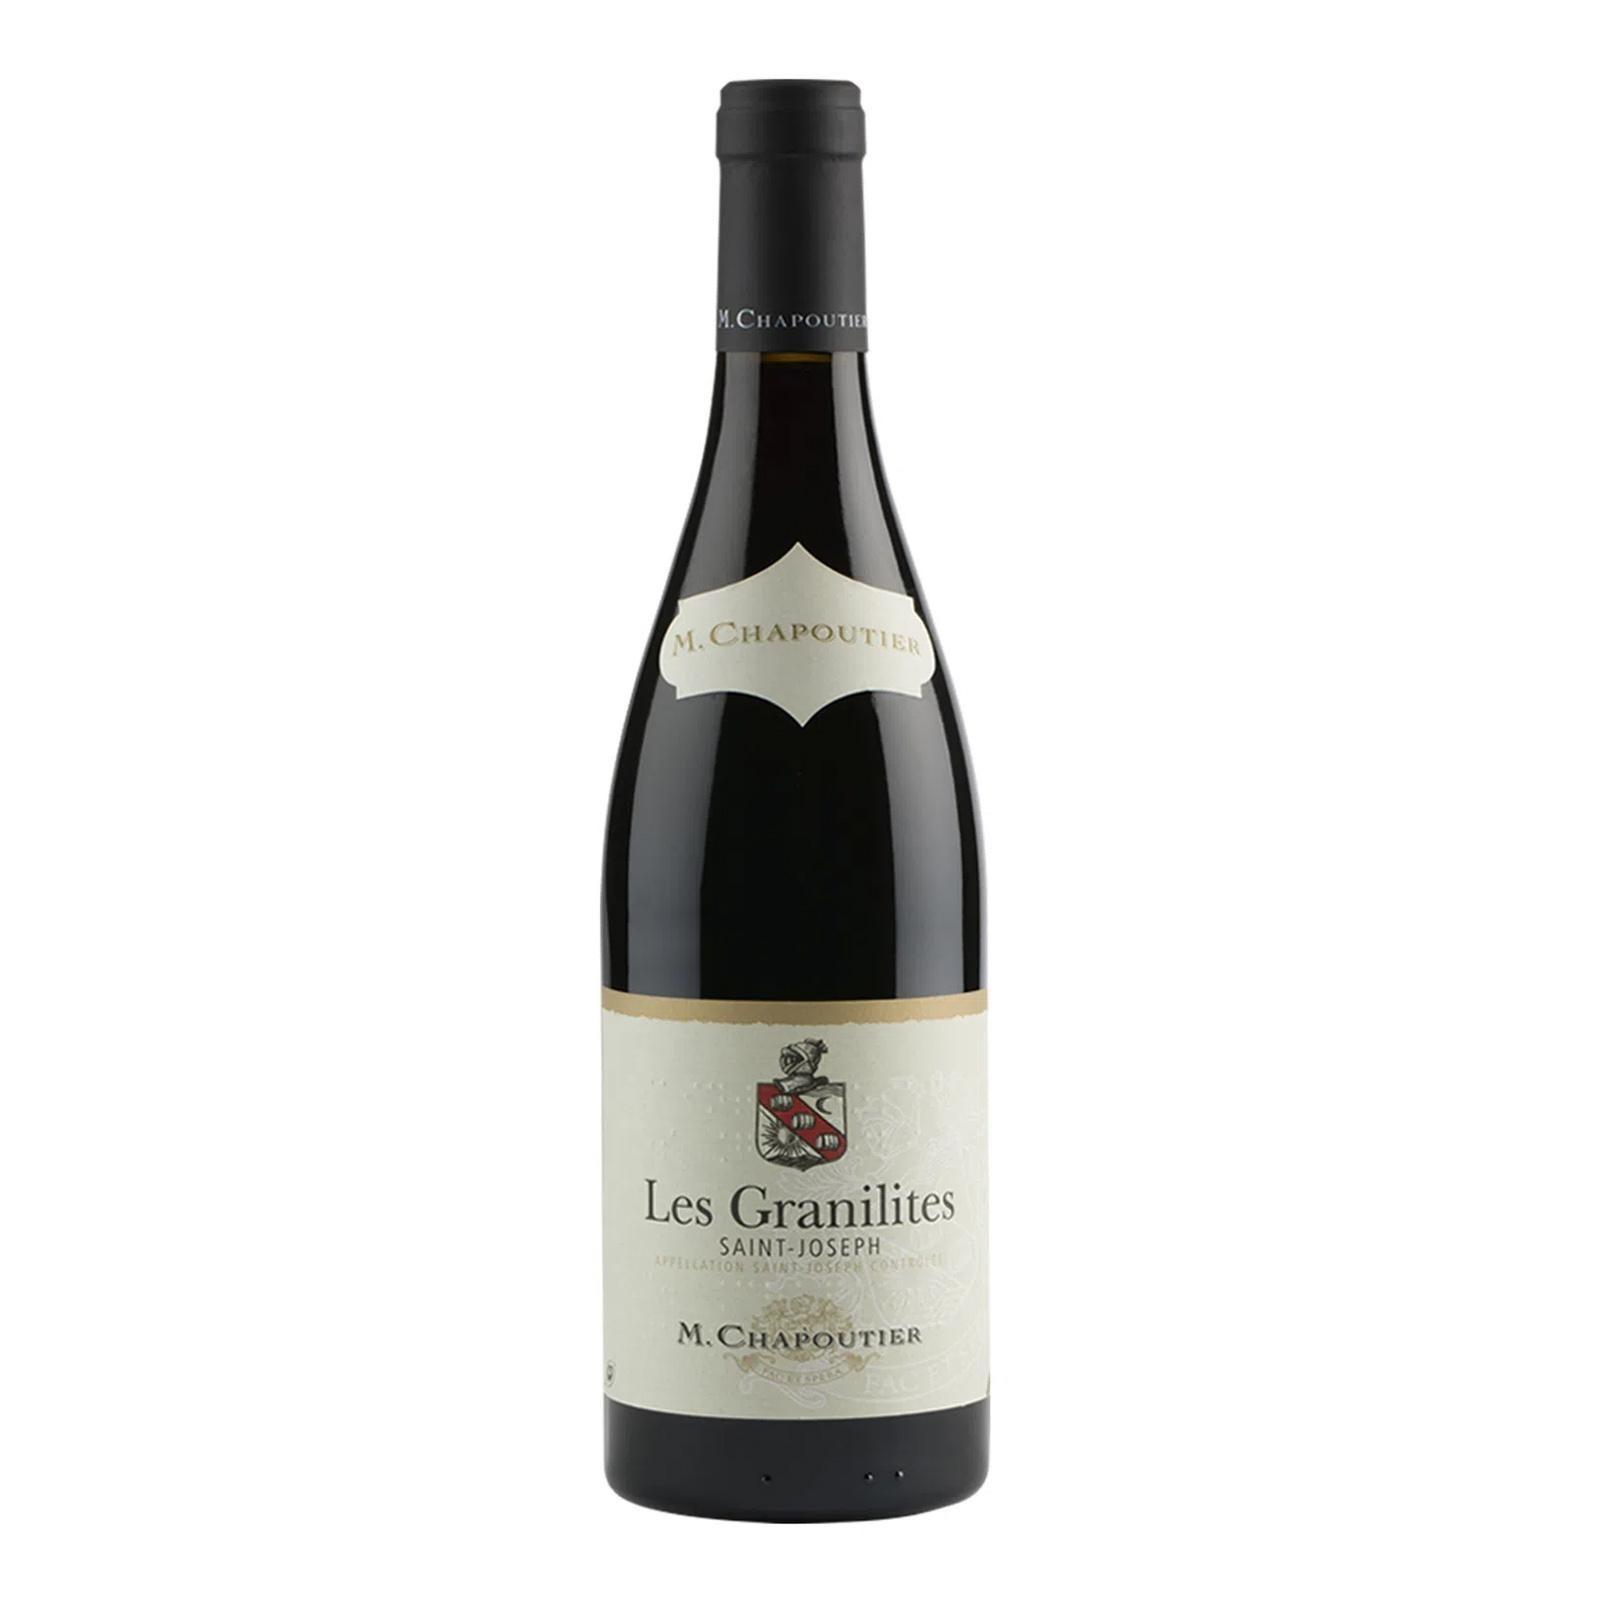 M. Chapoutier Saint Joseph Les Granilites Rouge-By Culina